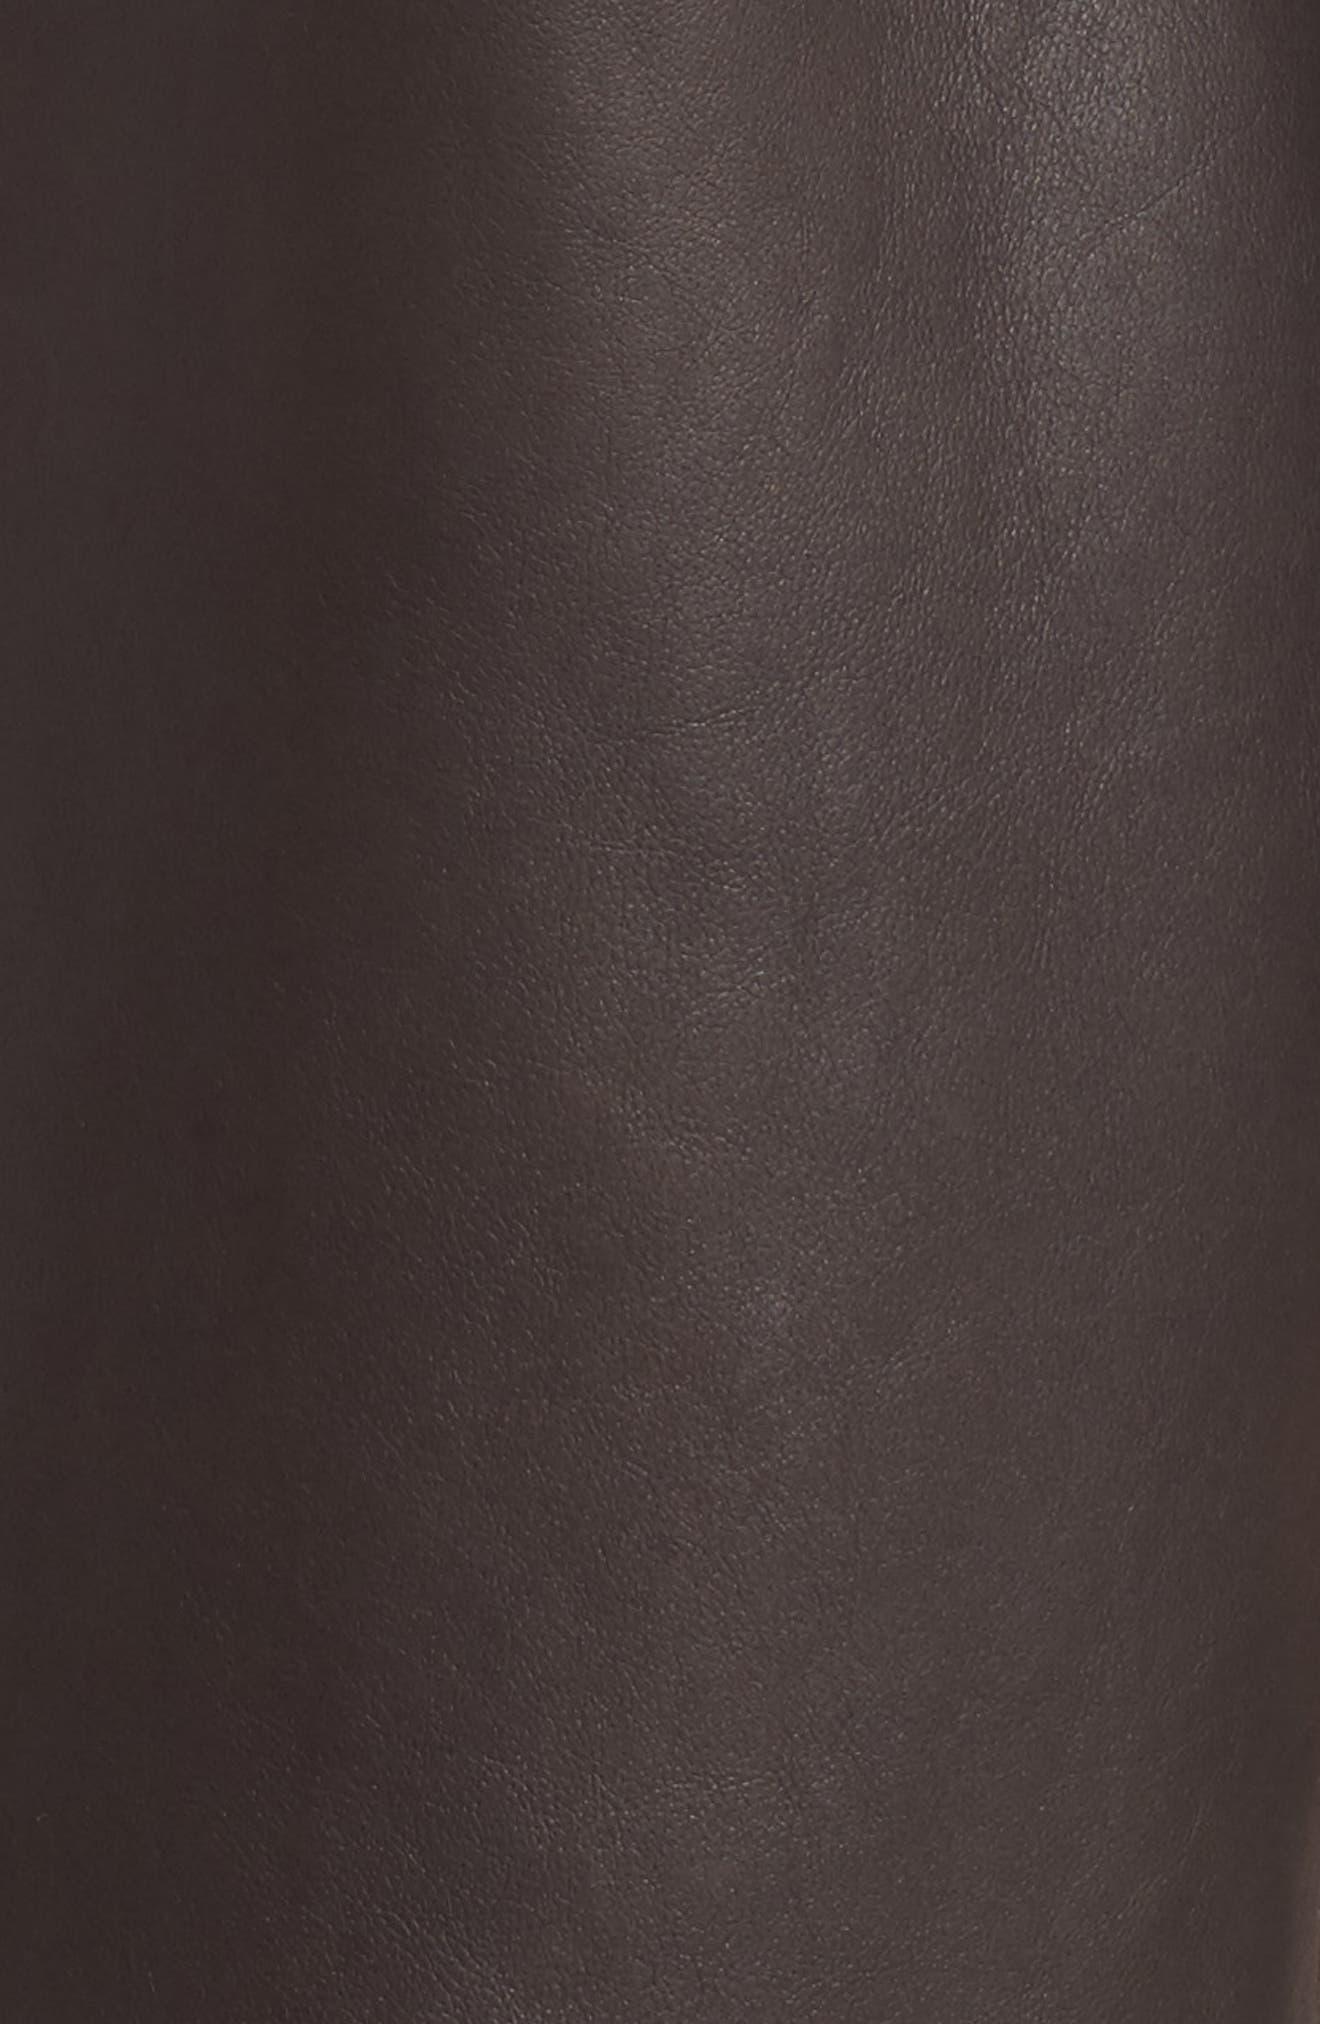 Reversible Genuine Shearling Coat,                             Alternate thumbnail 6, color,                             203